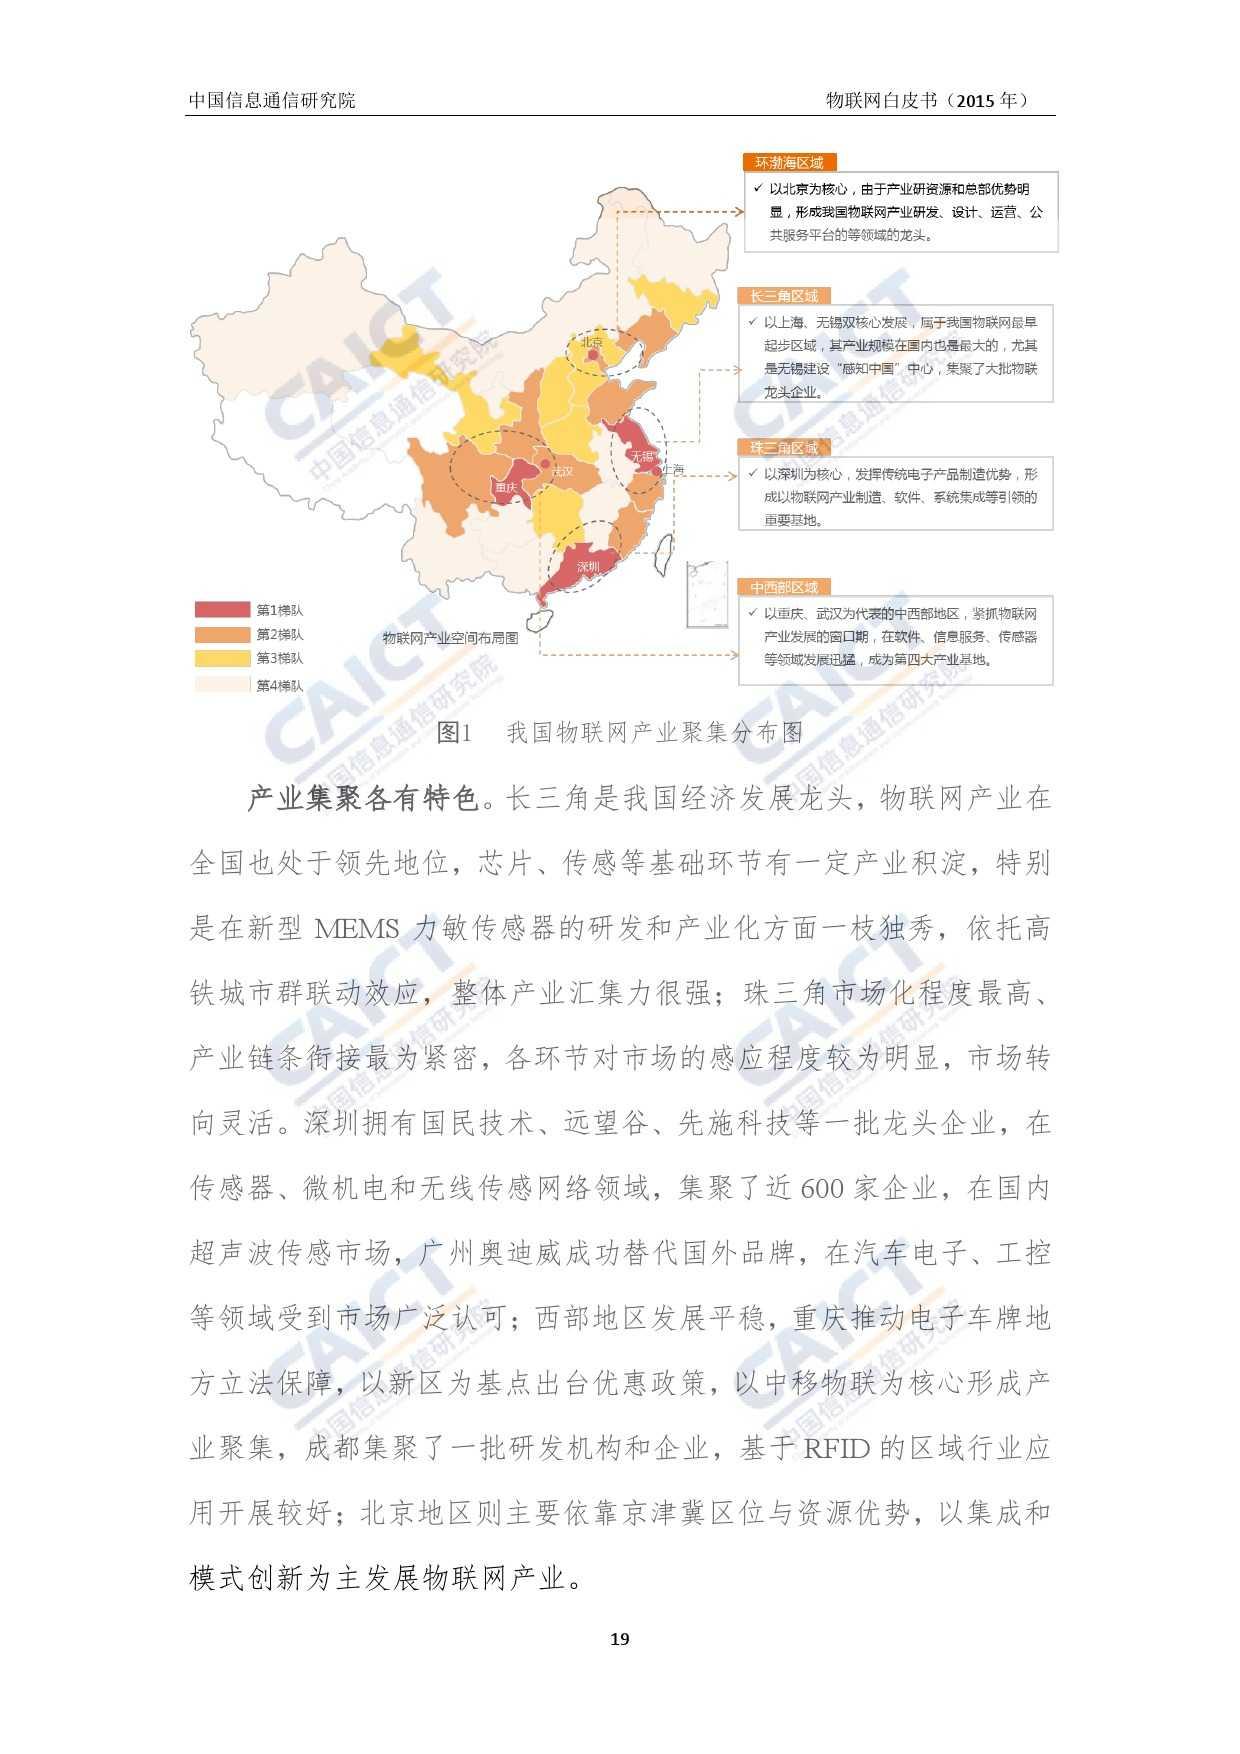 中国信息通信研究院:2015年物联网白皮书_000023